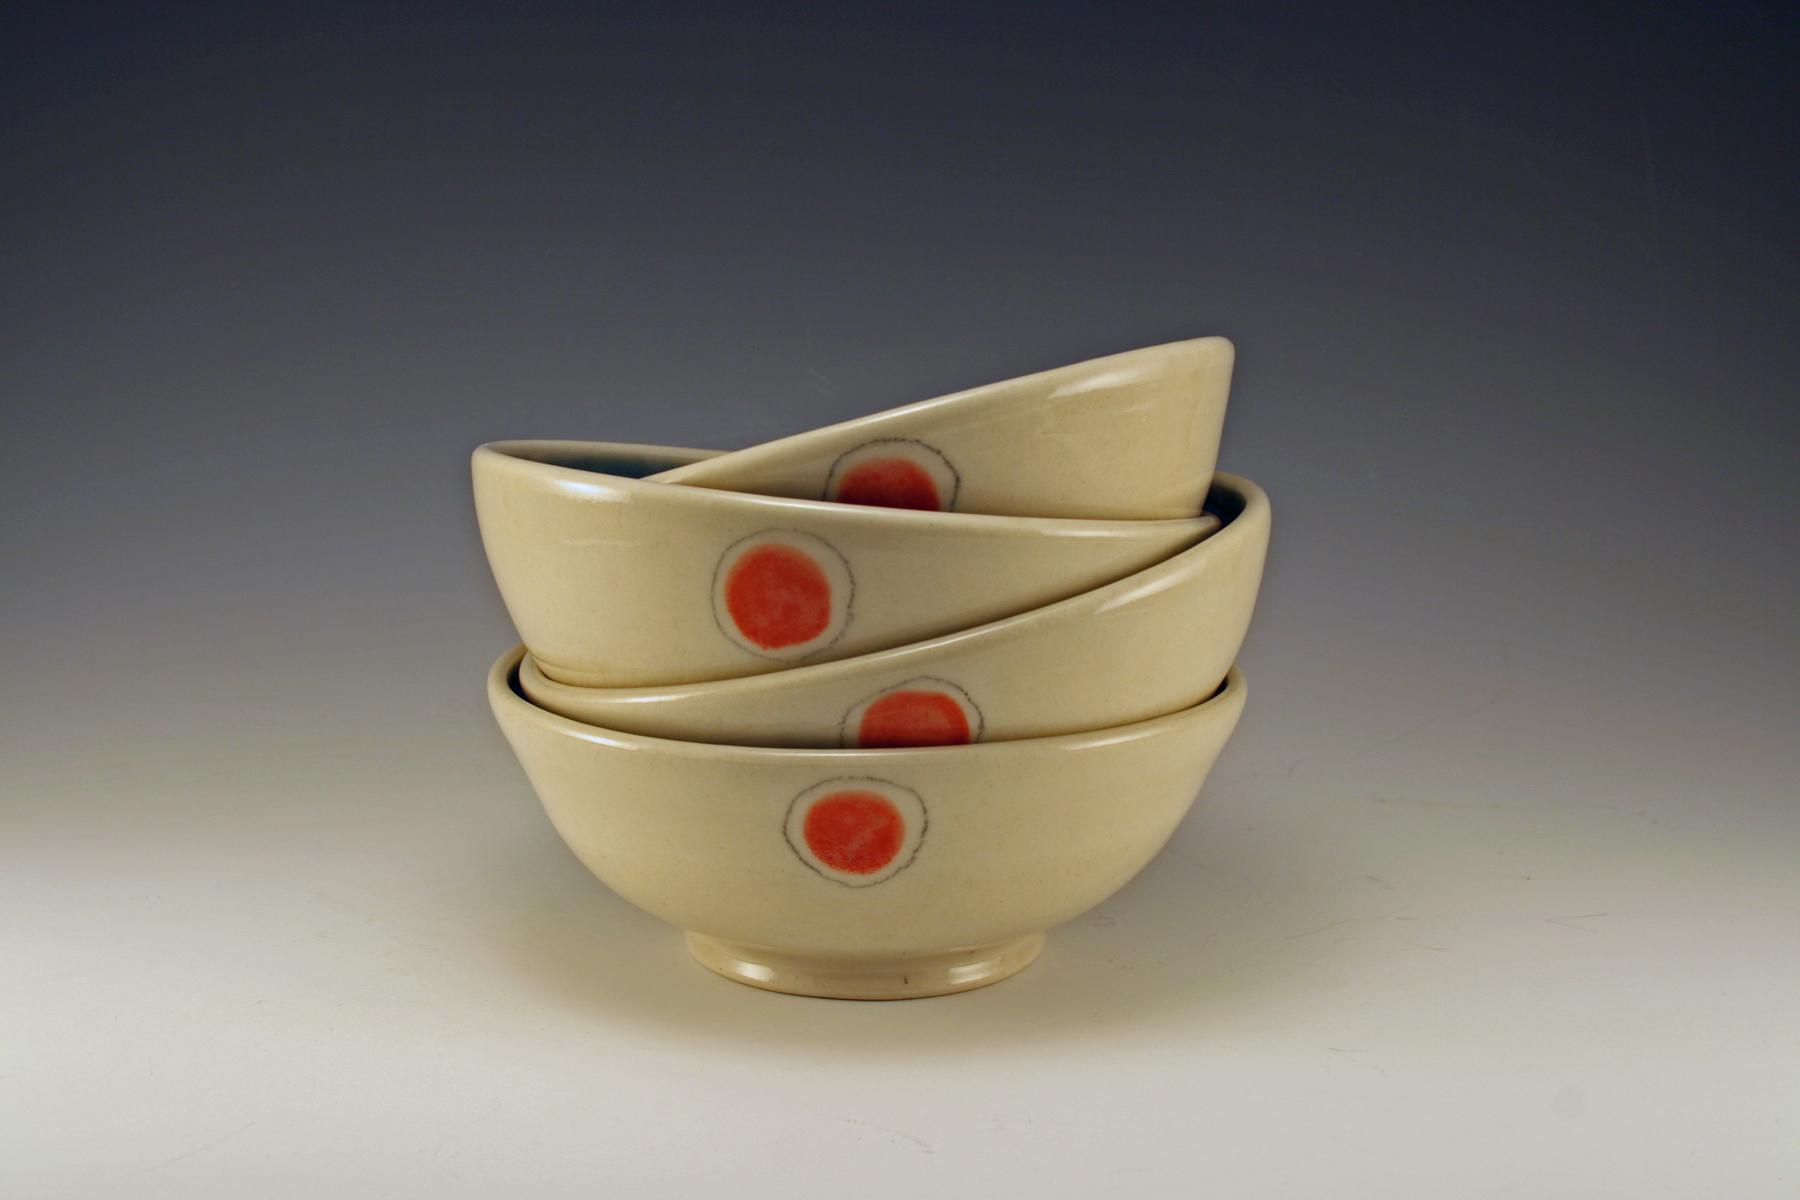 Mod chowder bowls